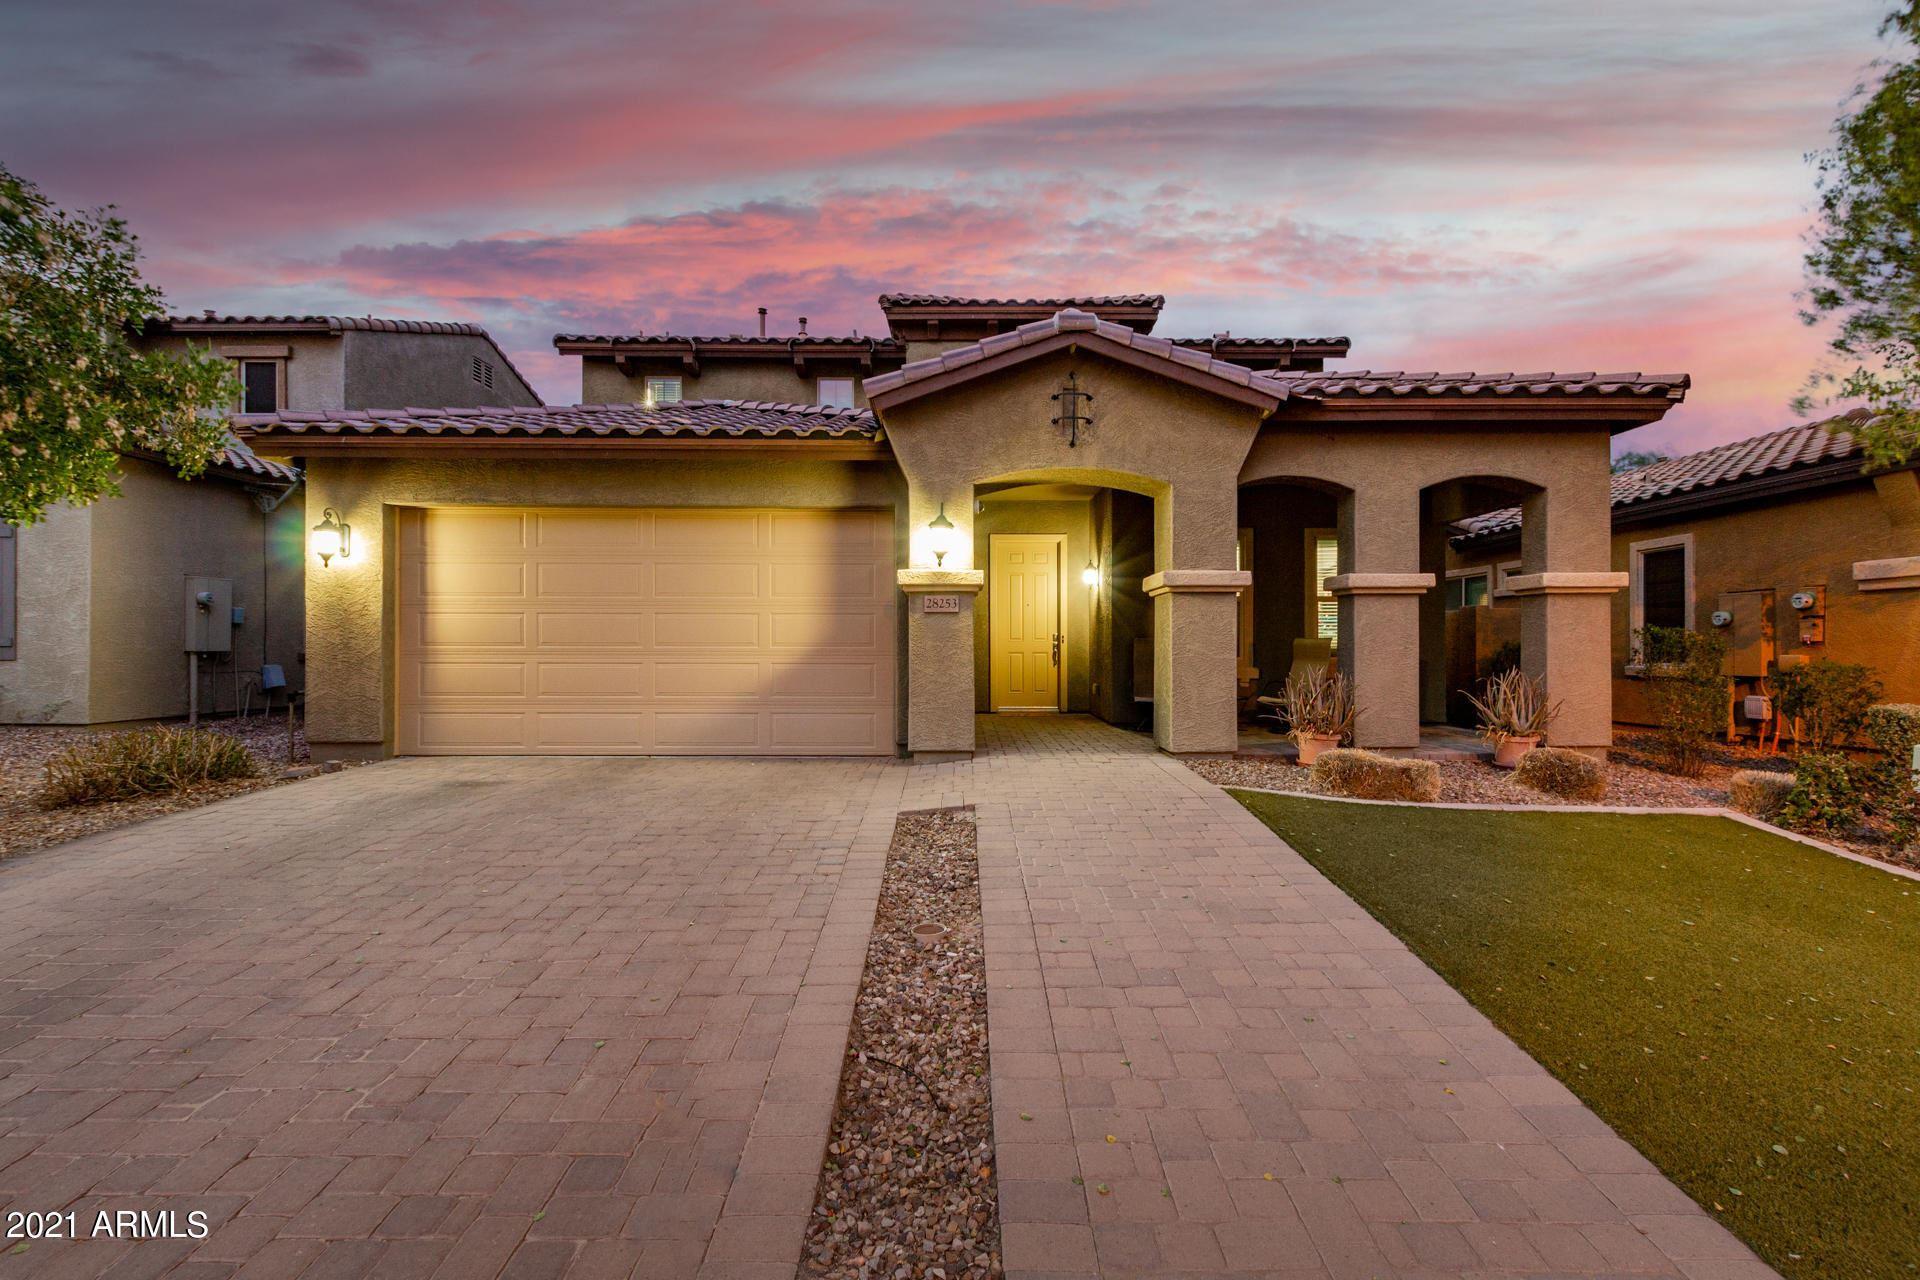 28253 N WELTON Place, San Tan Valley, AZ 85143 - MLS#: 6260411